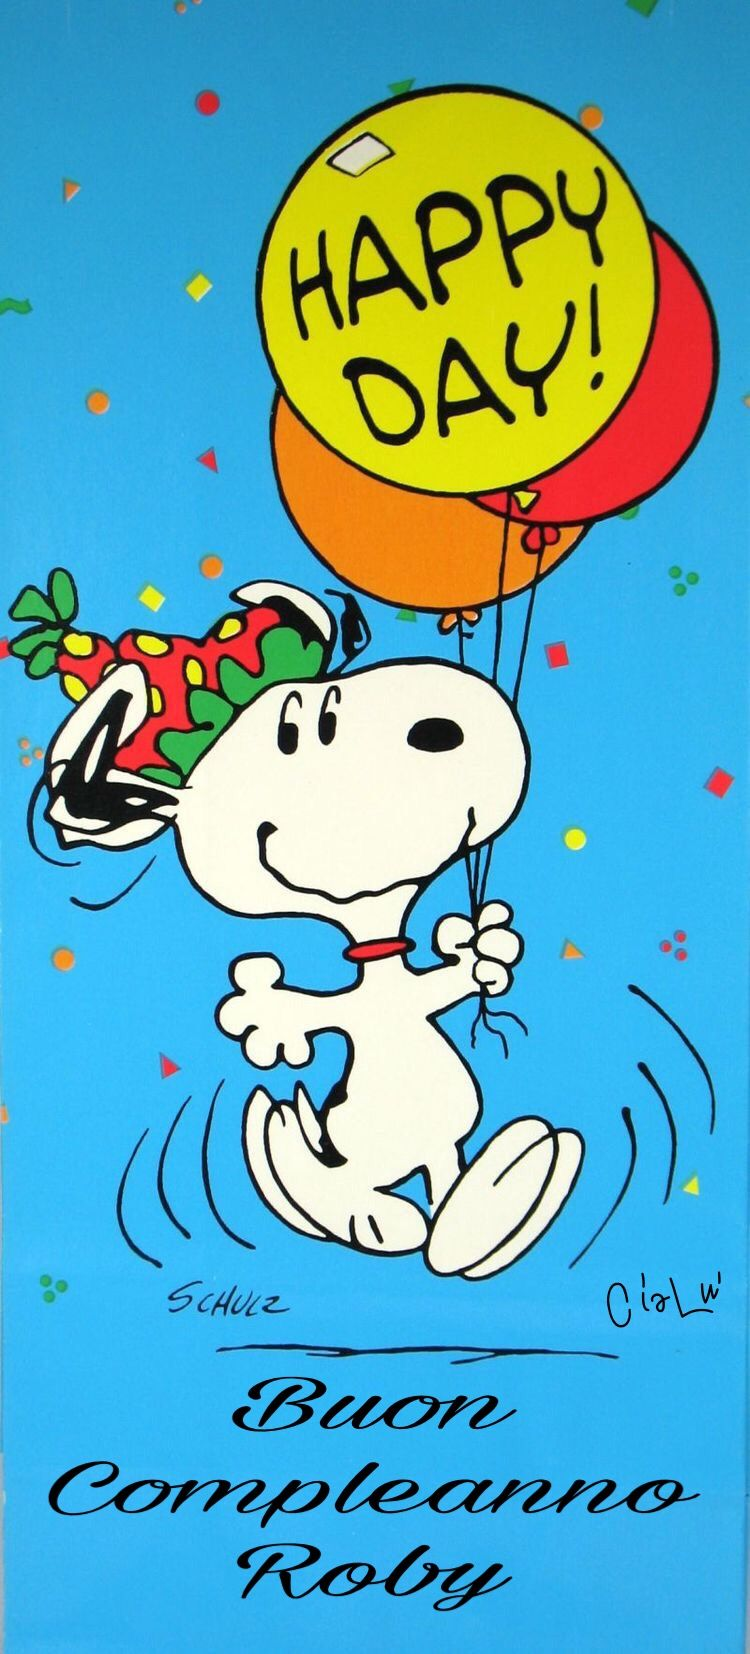 Top Buon Compleanno Roby | Compleanni Onomastici e Anniversari | Pinterest SF83